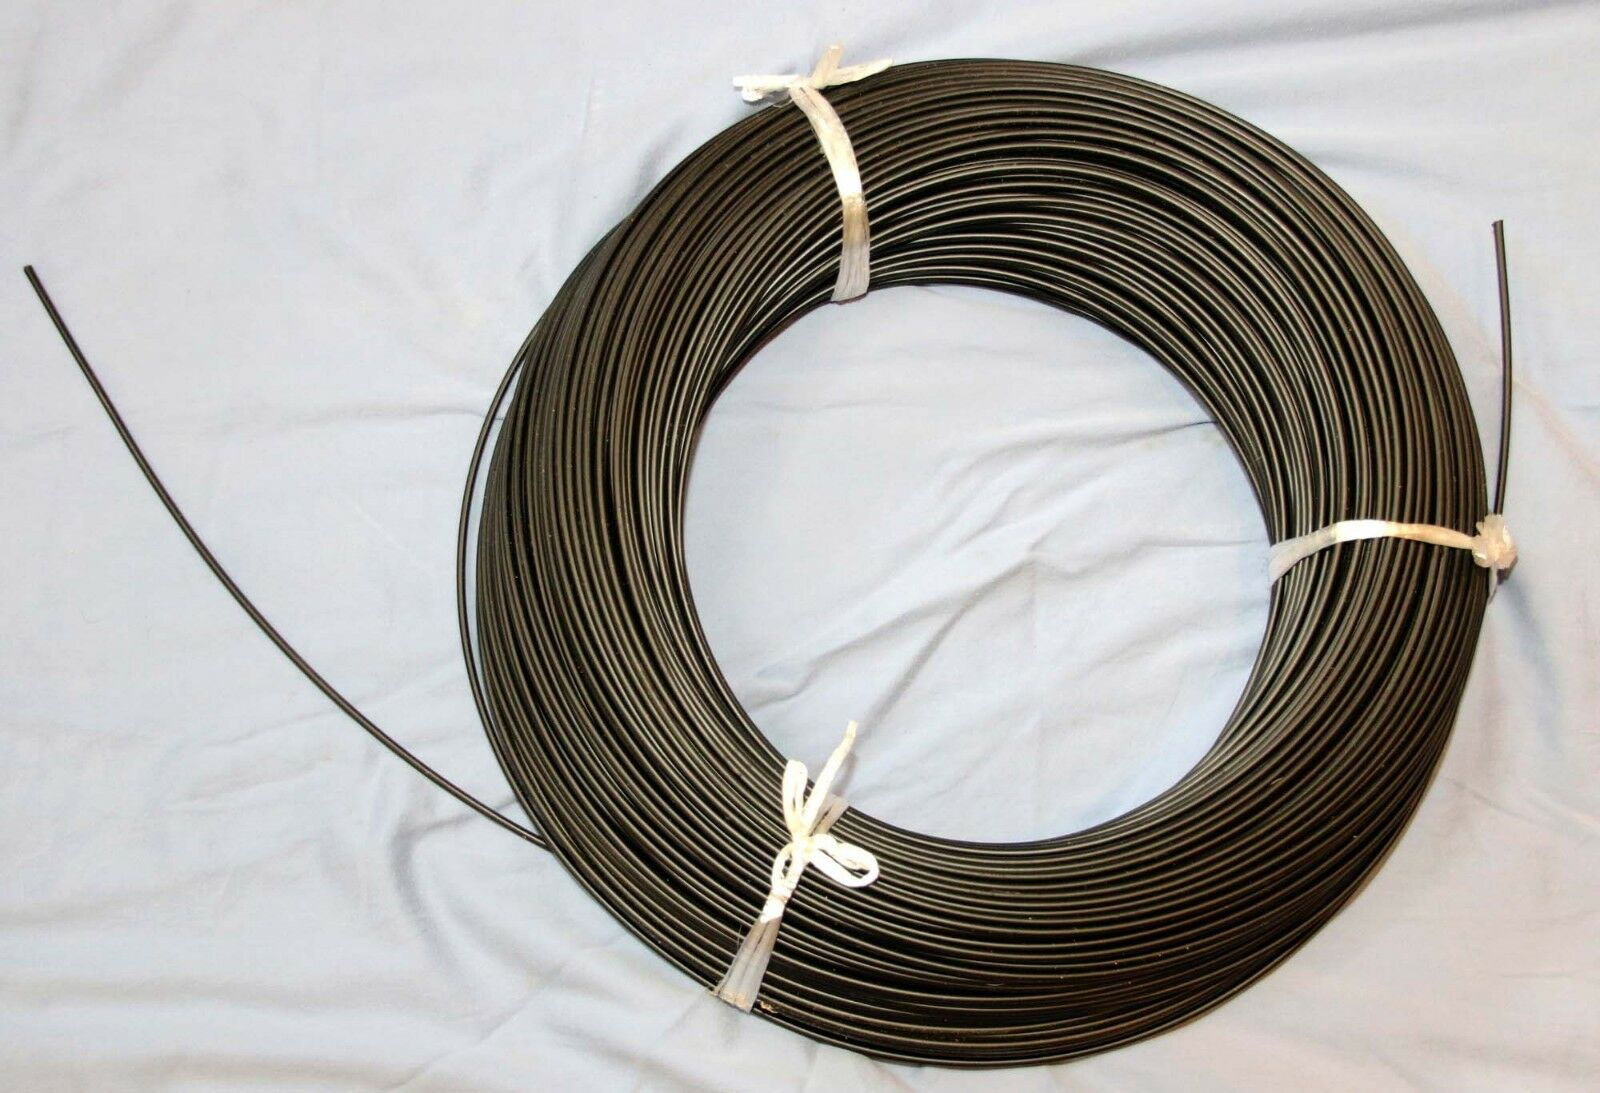 CocheCASA De Cable De Cambio Shimano Negro 4mm 300 metros, 984'  nuevo